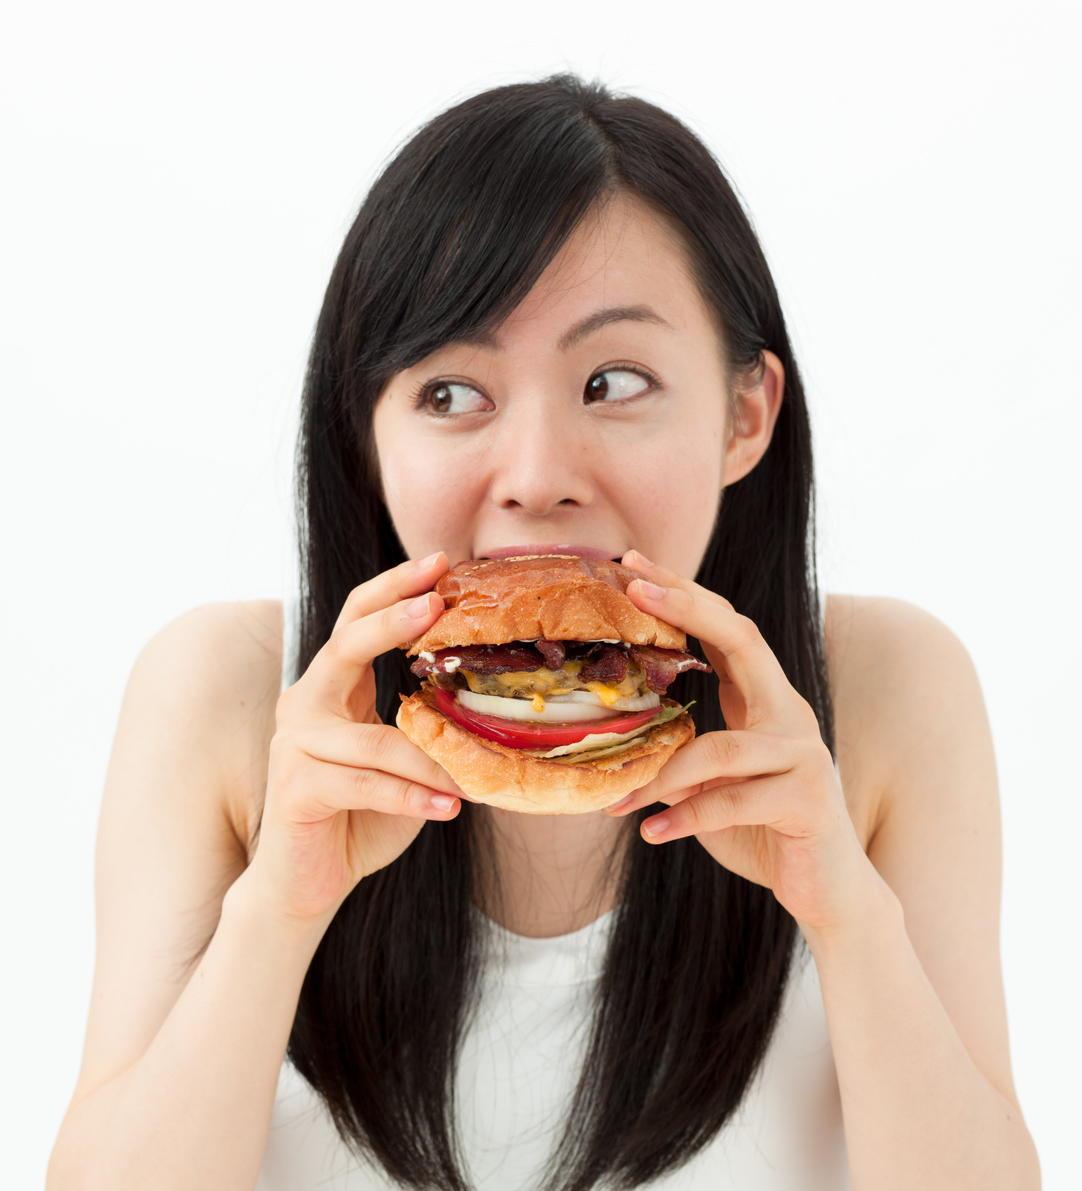 「ファストフード」は健康的になったのか? 30年間の調査でカロリーと塩分が増えているとの結果に